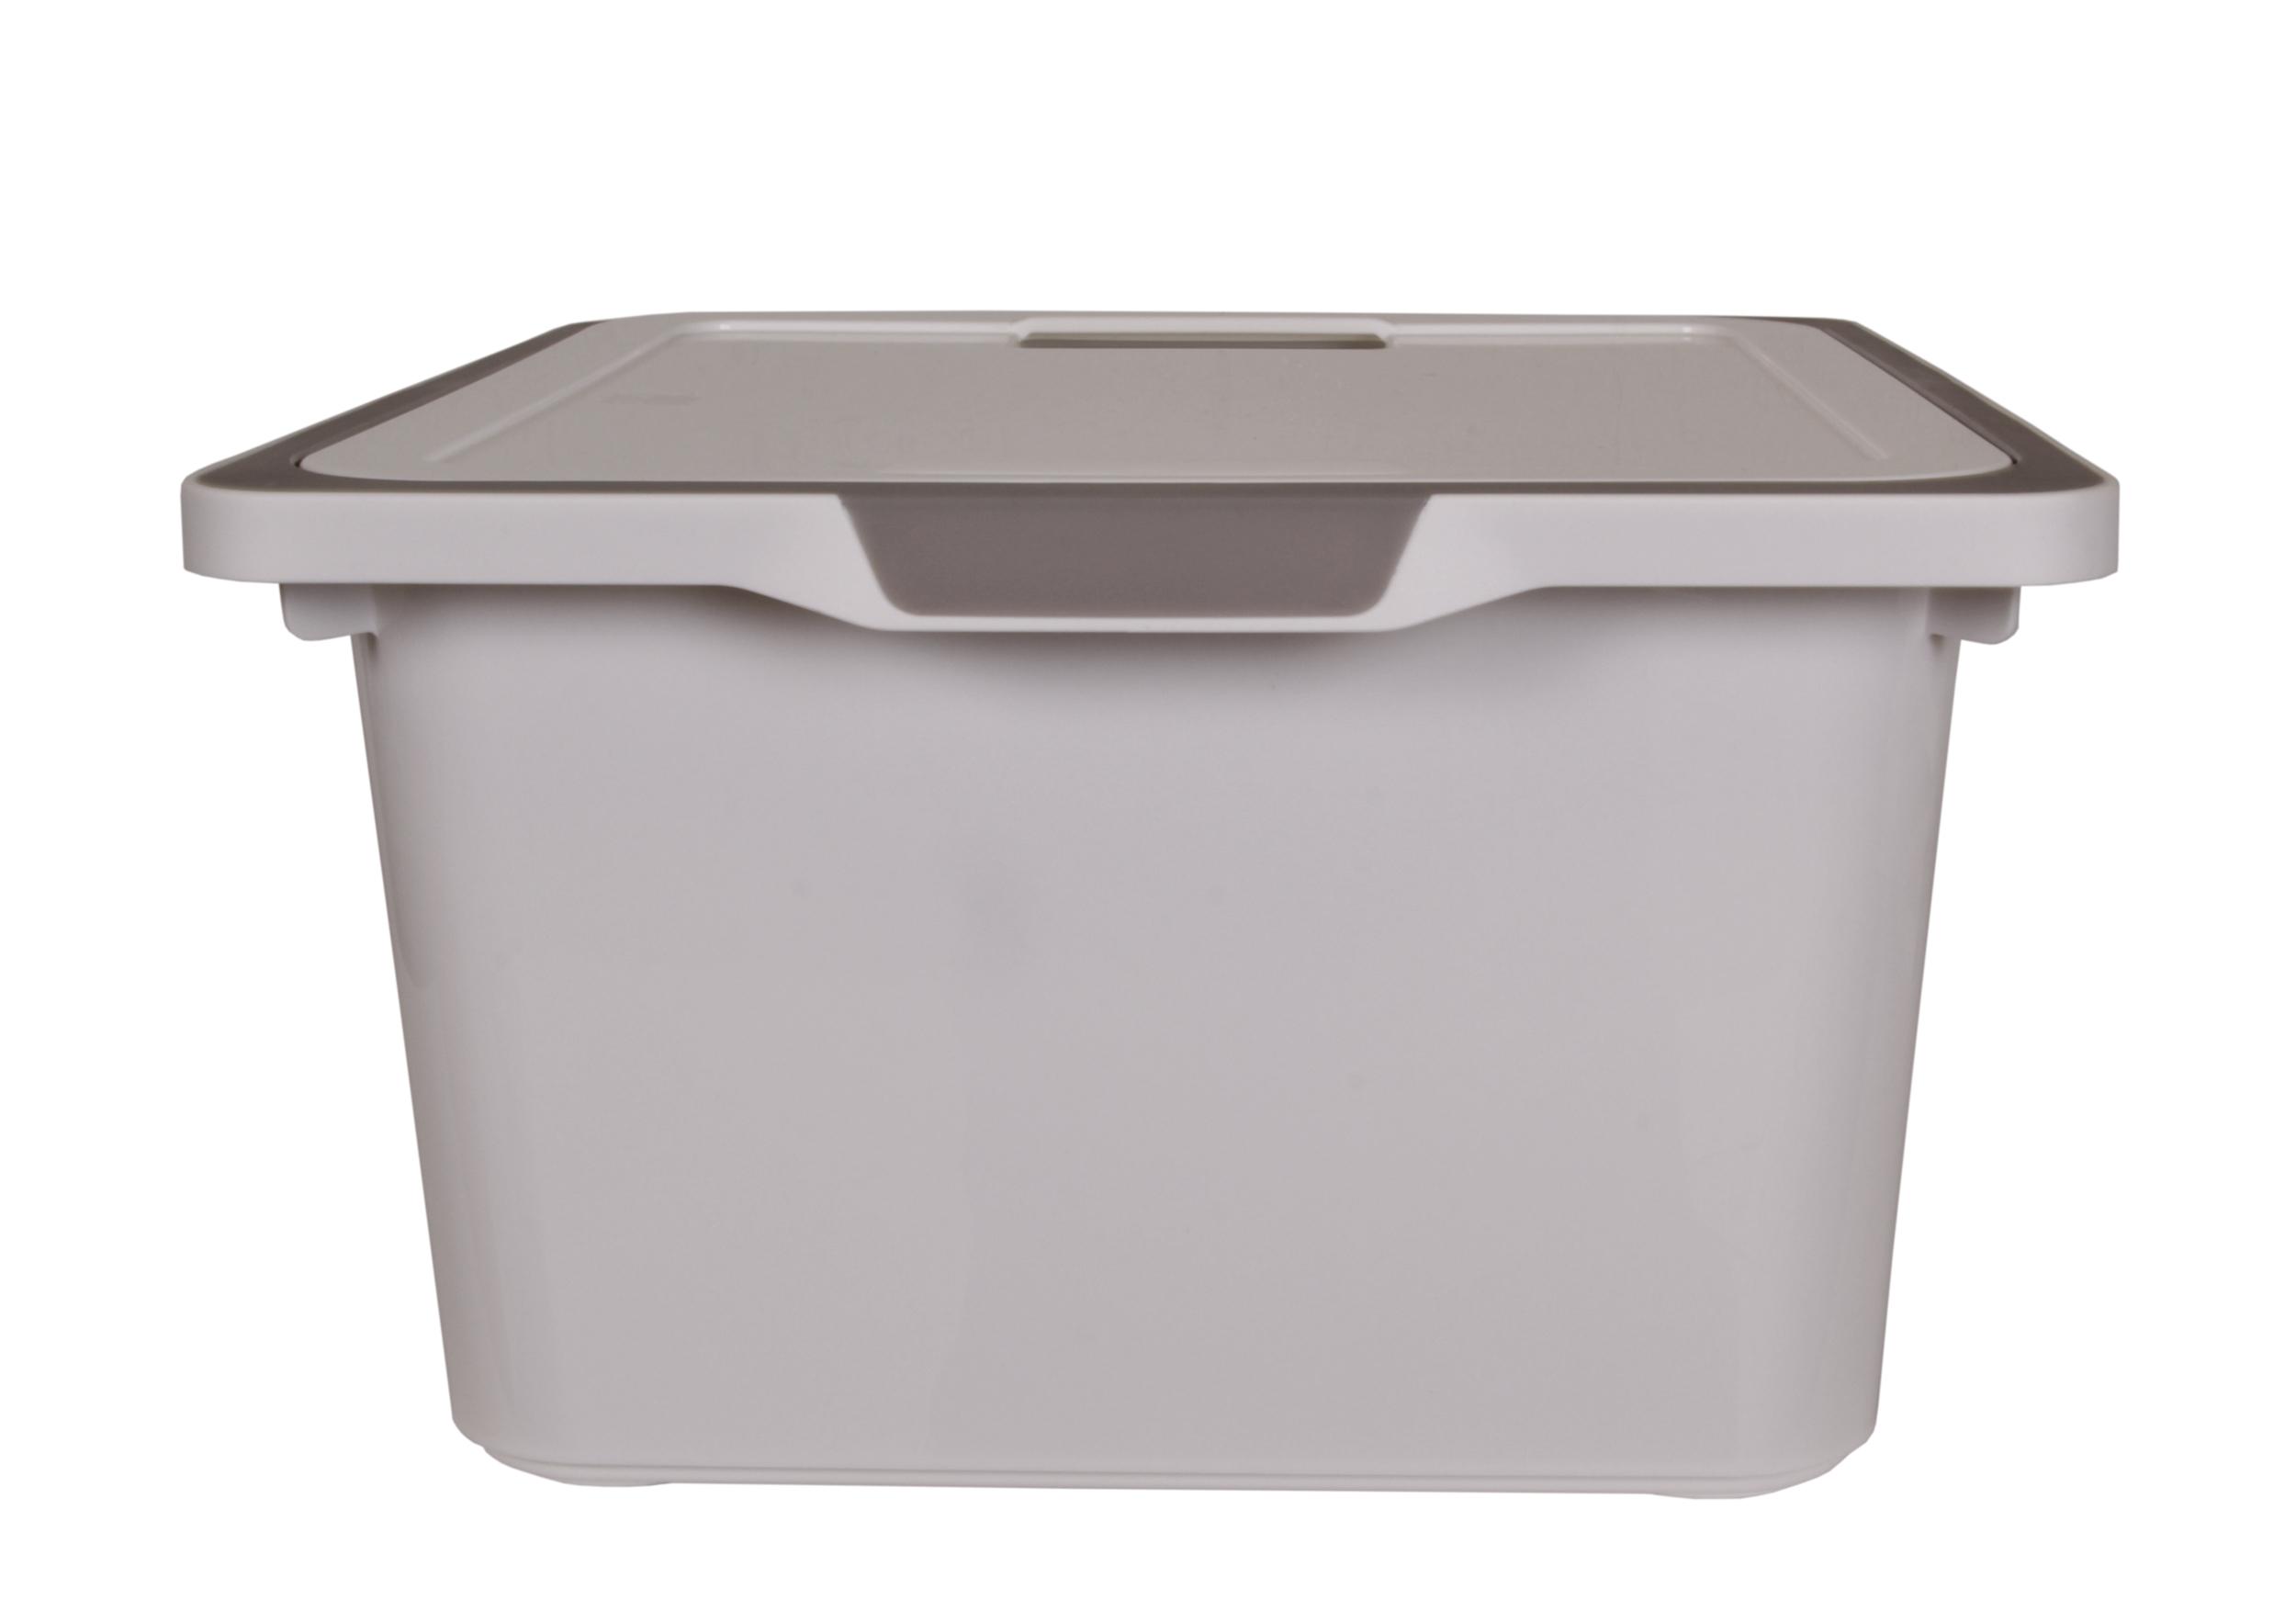 ondis24 kreo box mit deckel 17 5 liter wei grau g nstig online kaufen. Black Bedroom Furniture Sets. Home Design Ideas